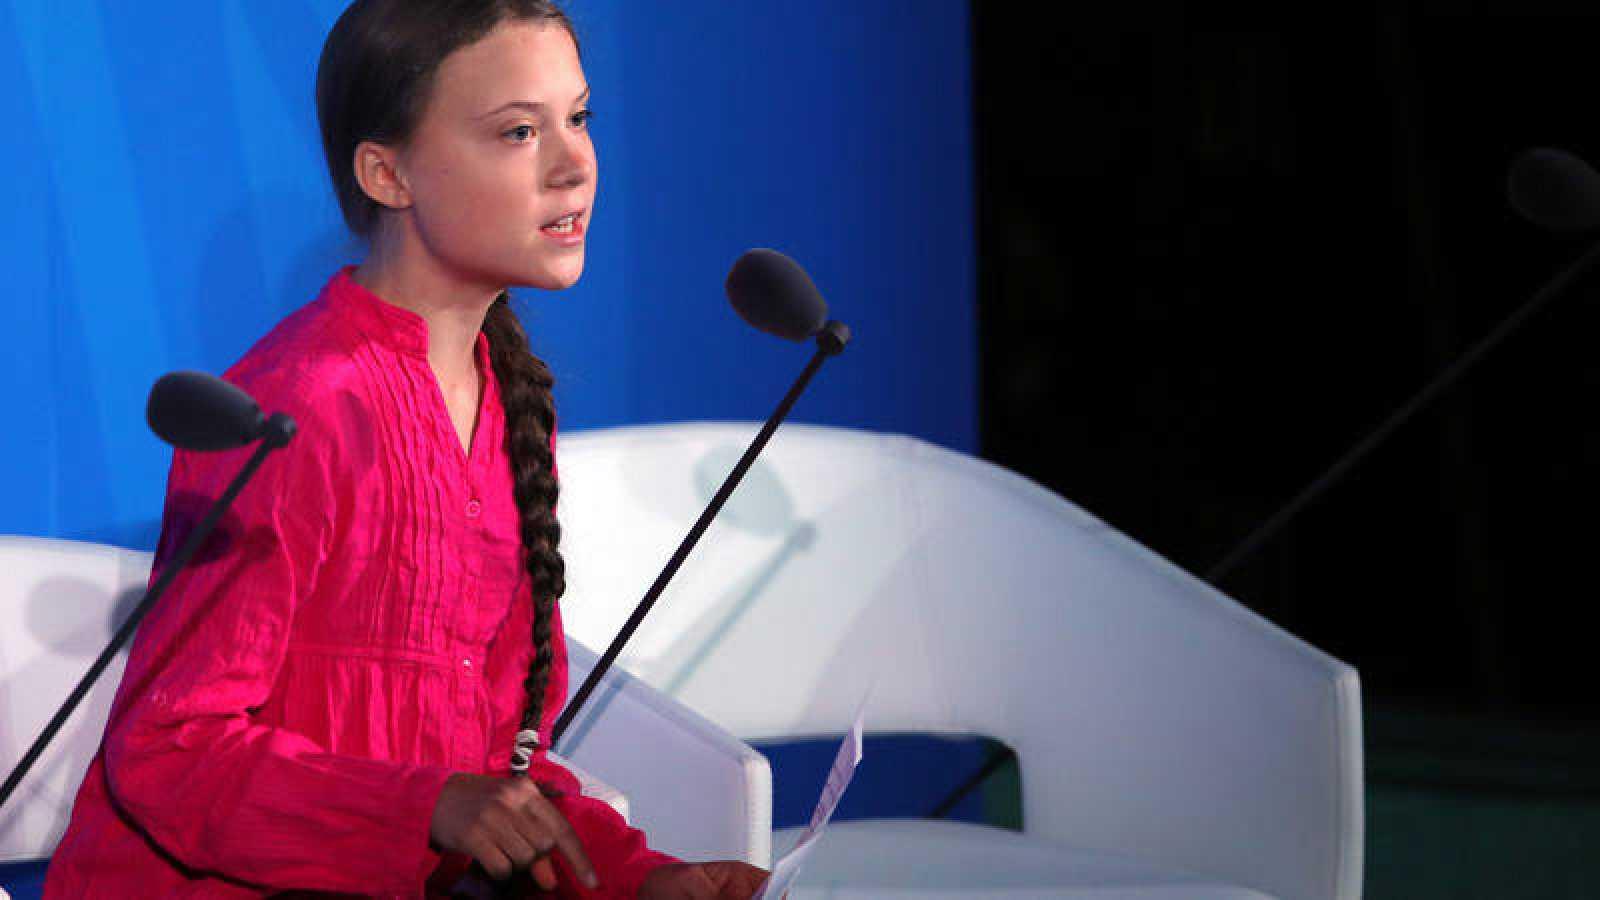 La activista sueca Greta Thunberg, durante su intervención en la Cumbre de Acción Climática de la ONU.